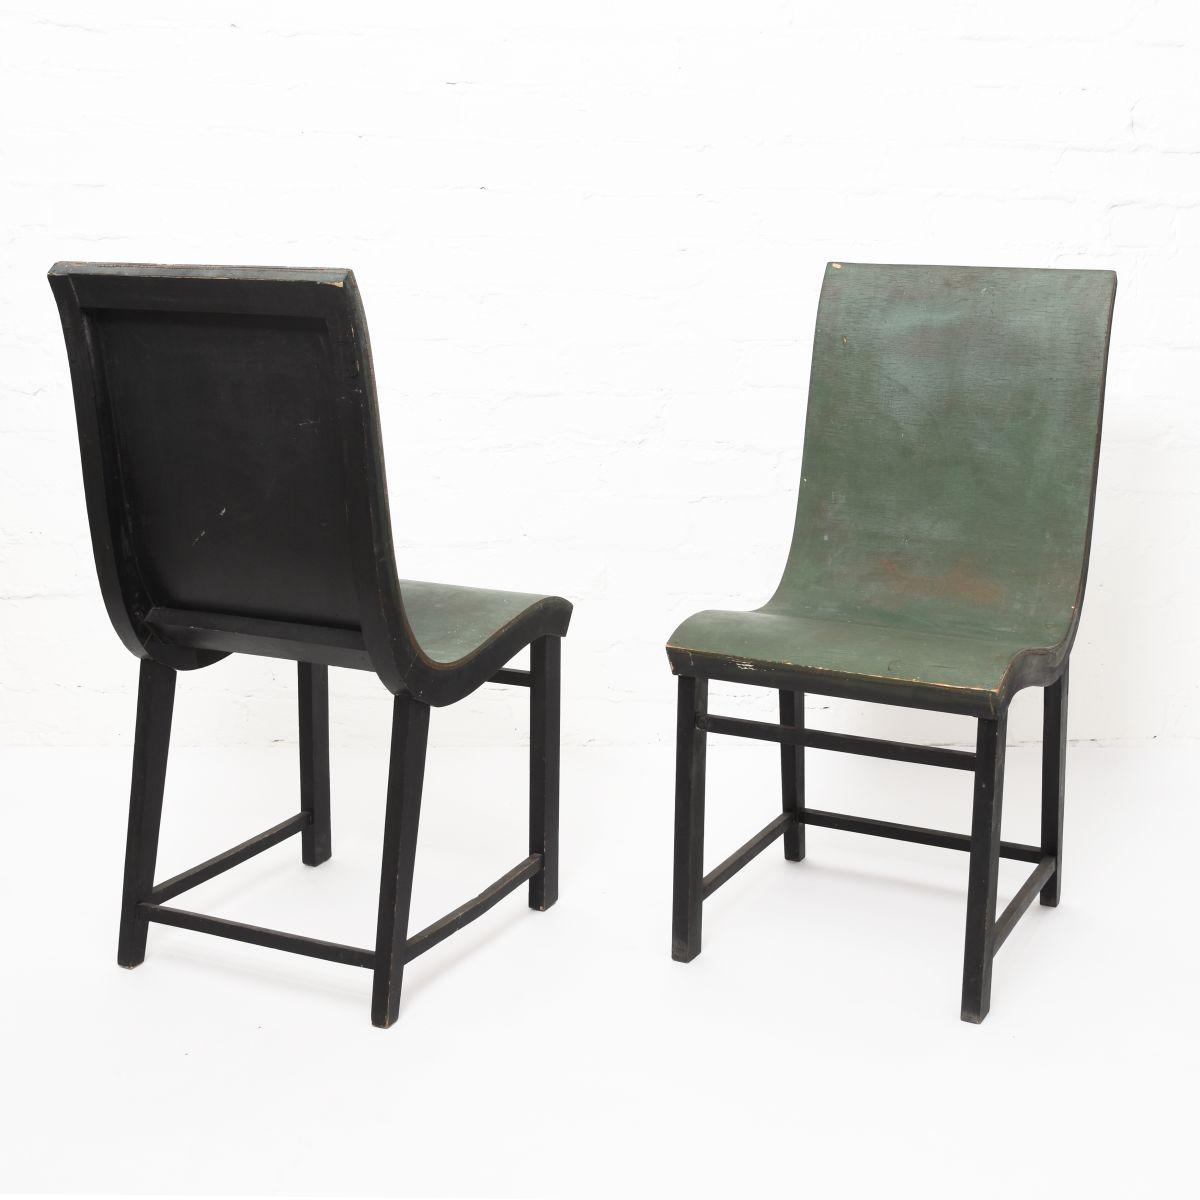 Toivonen-Eevert-Plywood-Chair-Green-Black